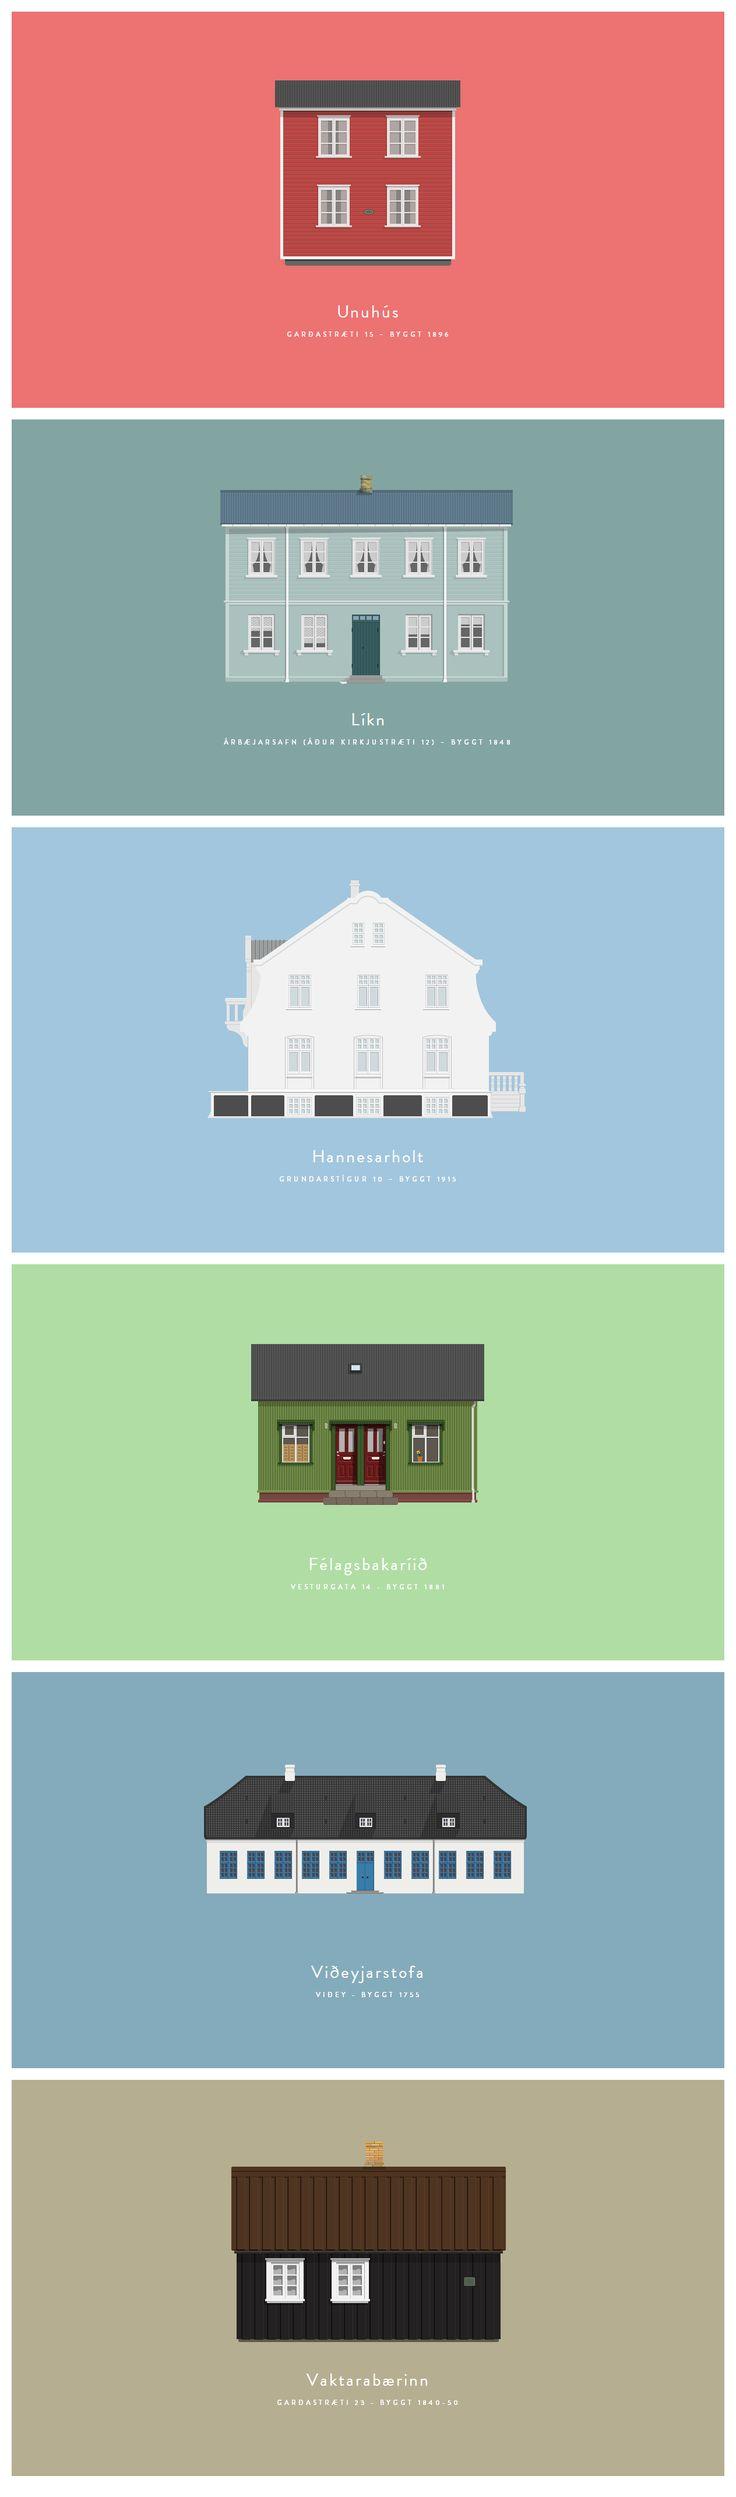 """Després del """"Windows of New York"""", un projecte semblant i també en disseny pla i minimalista: """"Houses of Reykjavik"""" #FlatDesign"""